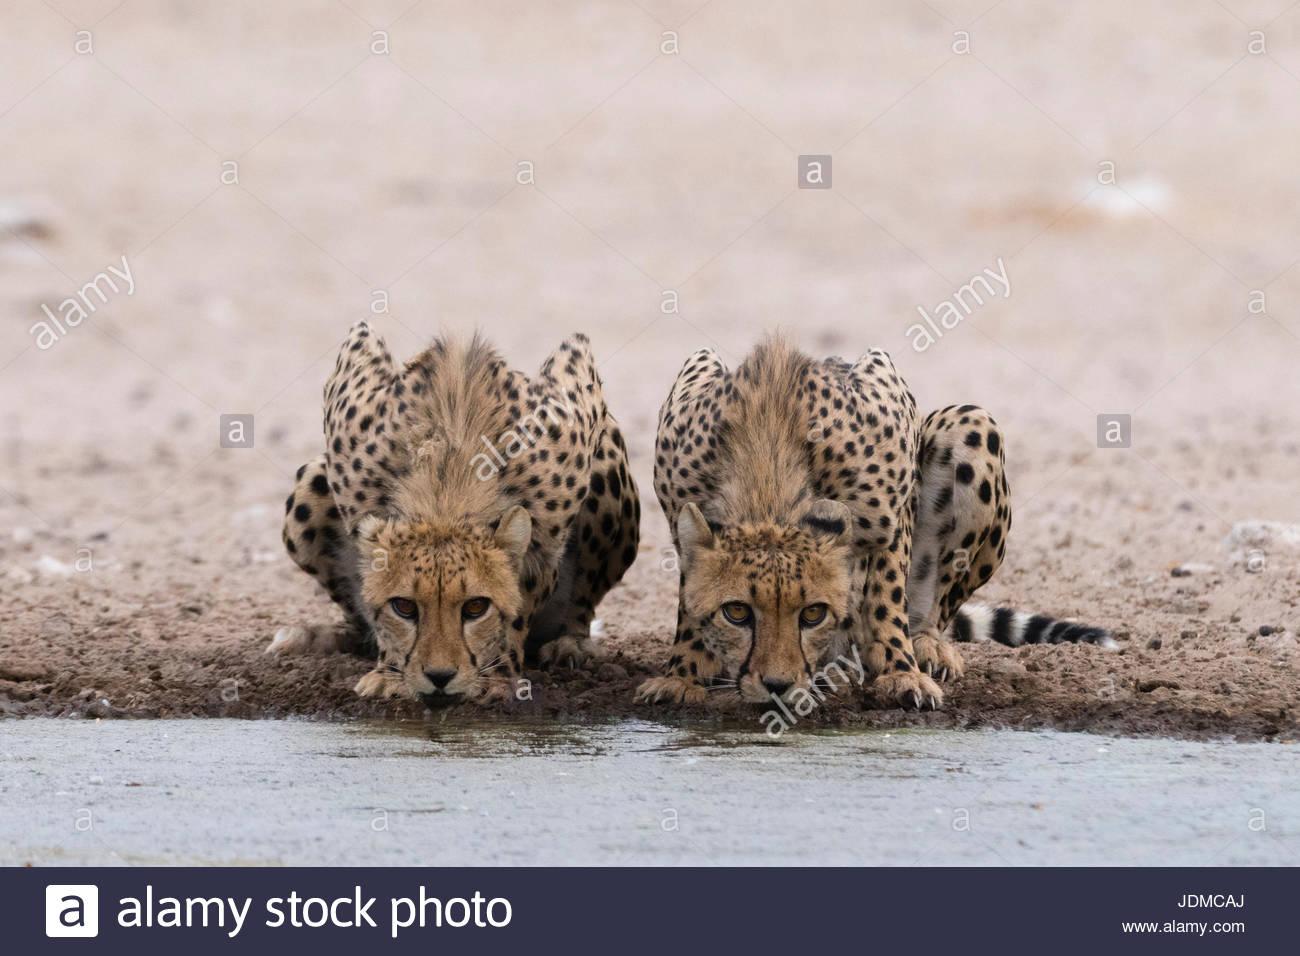 Deux guépard, Acinonyx jubatus, boire à un trou d'eau. Photo Stock